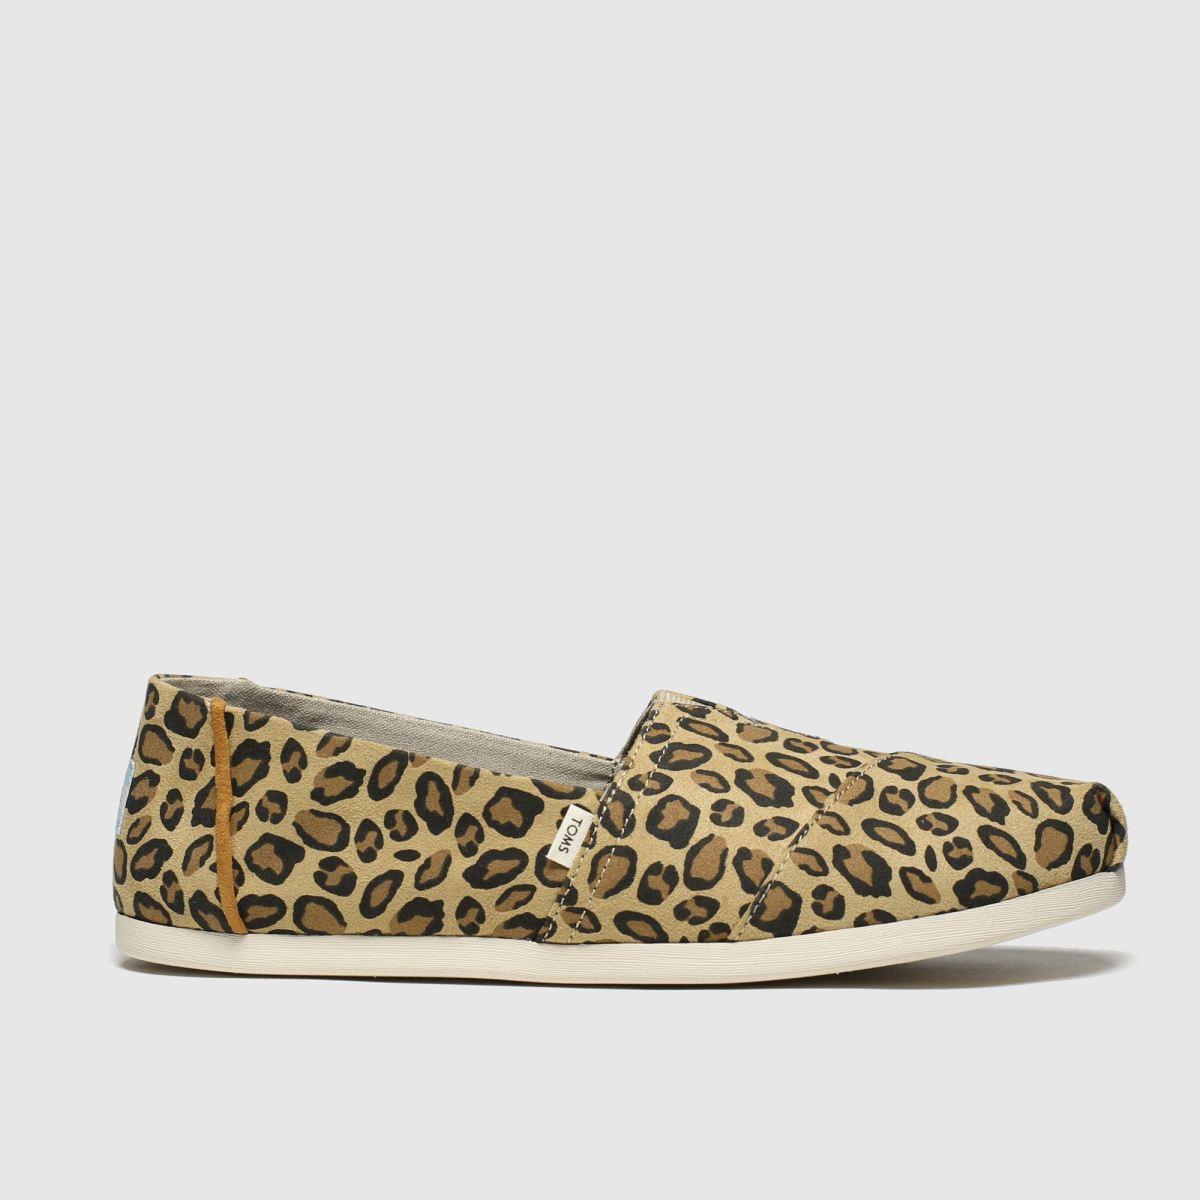 Toms Beige & Brown Alpargata 3.0 Leopard Flat Shoes